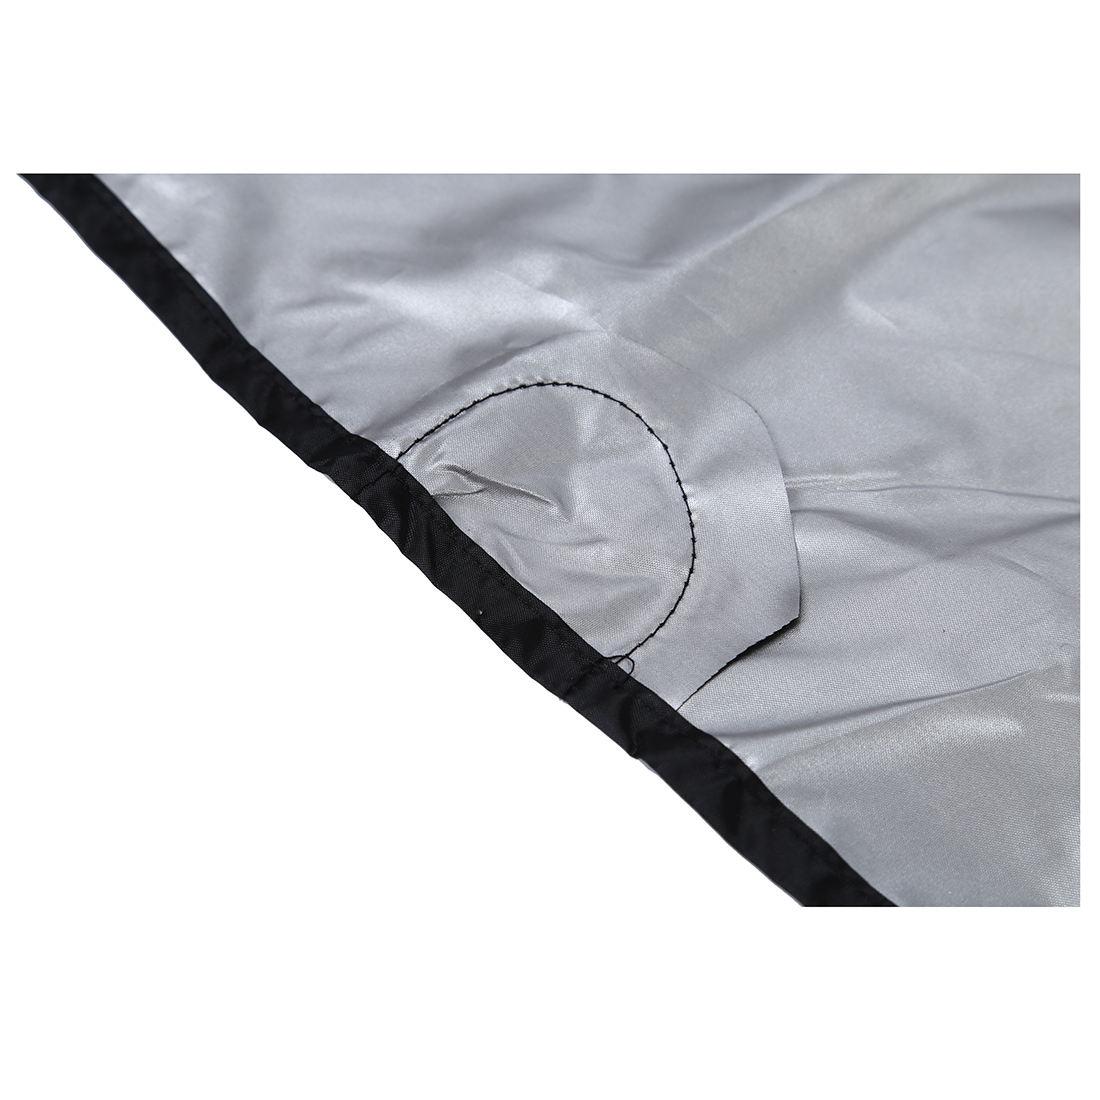 pour voiture couverture pare brise magnetique anti soleil givre protecteur c3j7 ebay. Black Bedroom Furniture Sets. Home Design Ideas